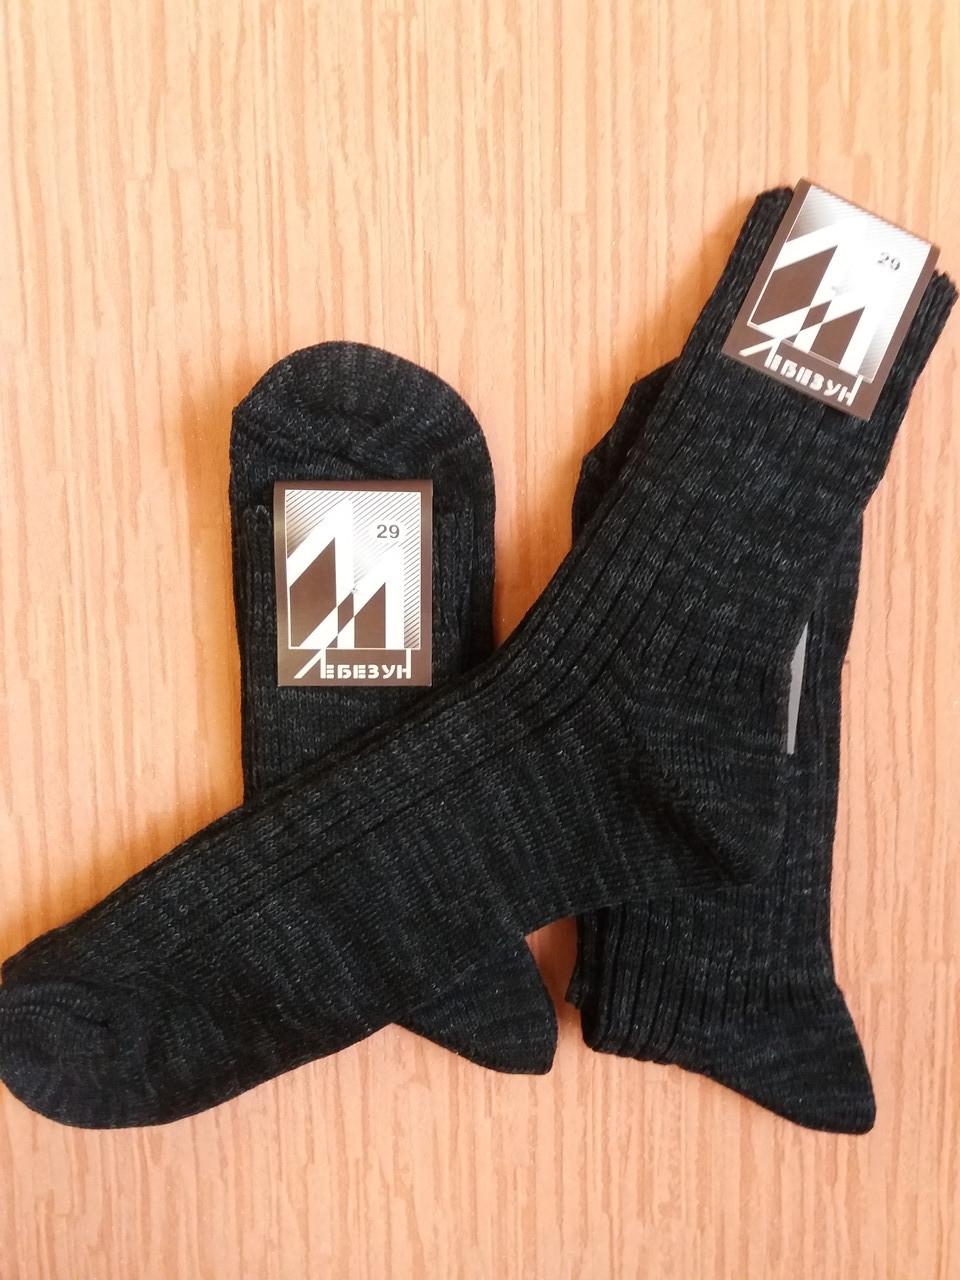 Носки мужские тёплые вязанные р-р 29,Червоноград. От 10 пар по 9грн